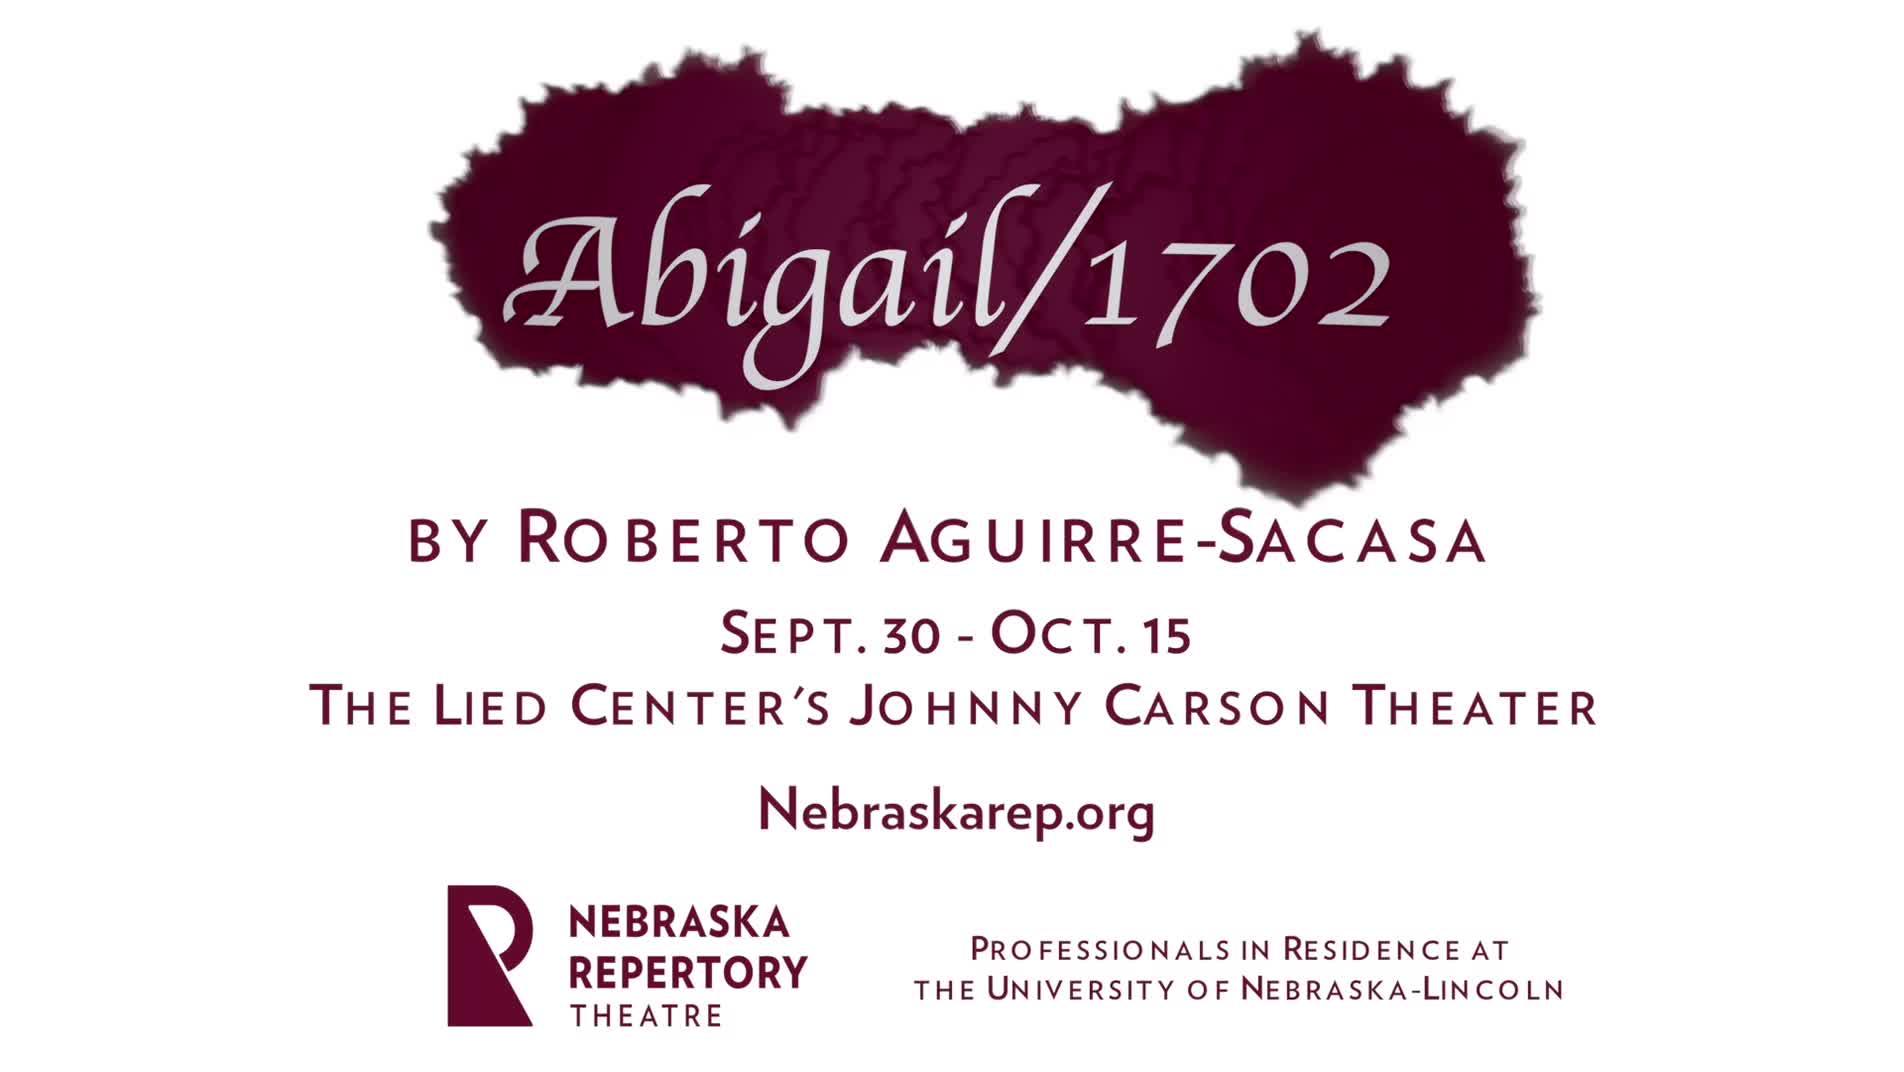 Abigail/1702 Trailer